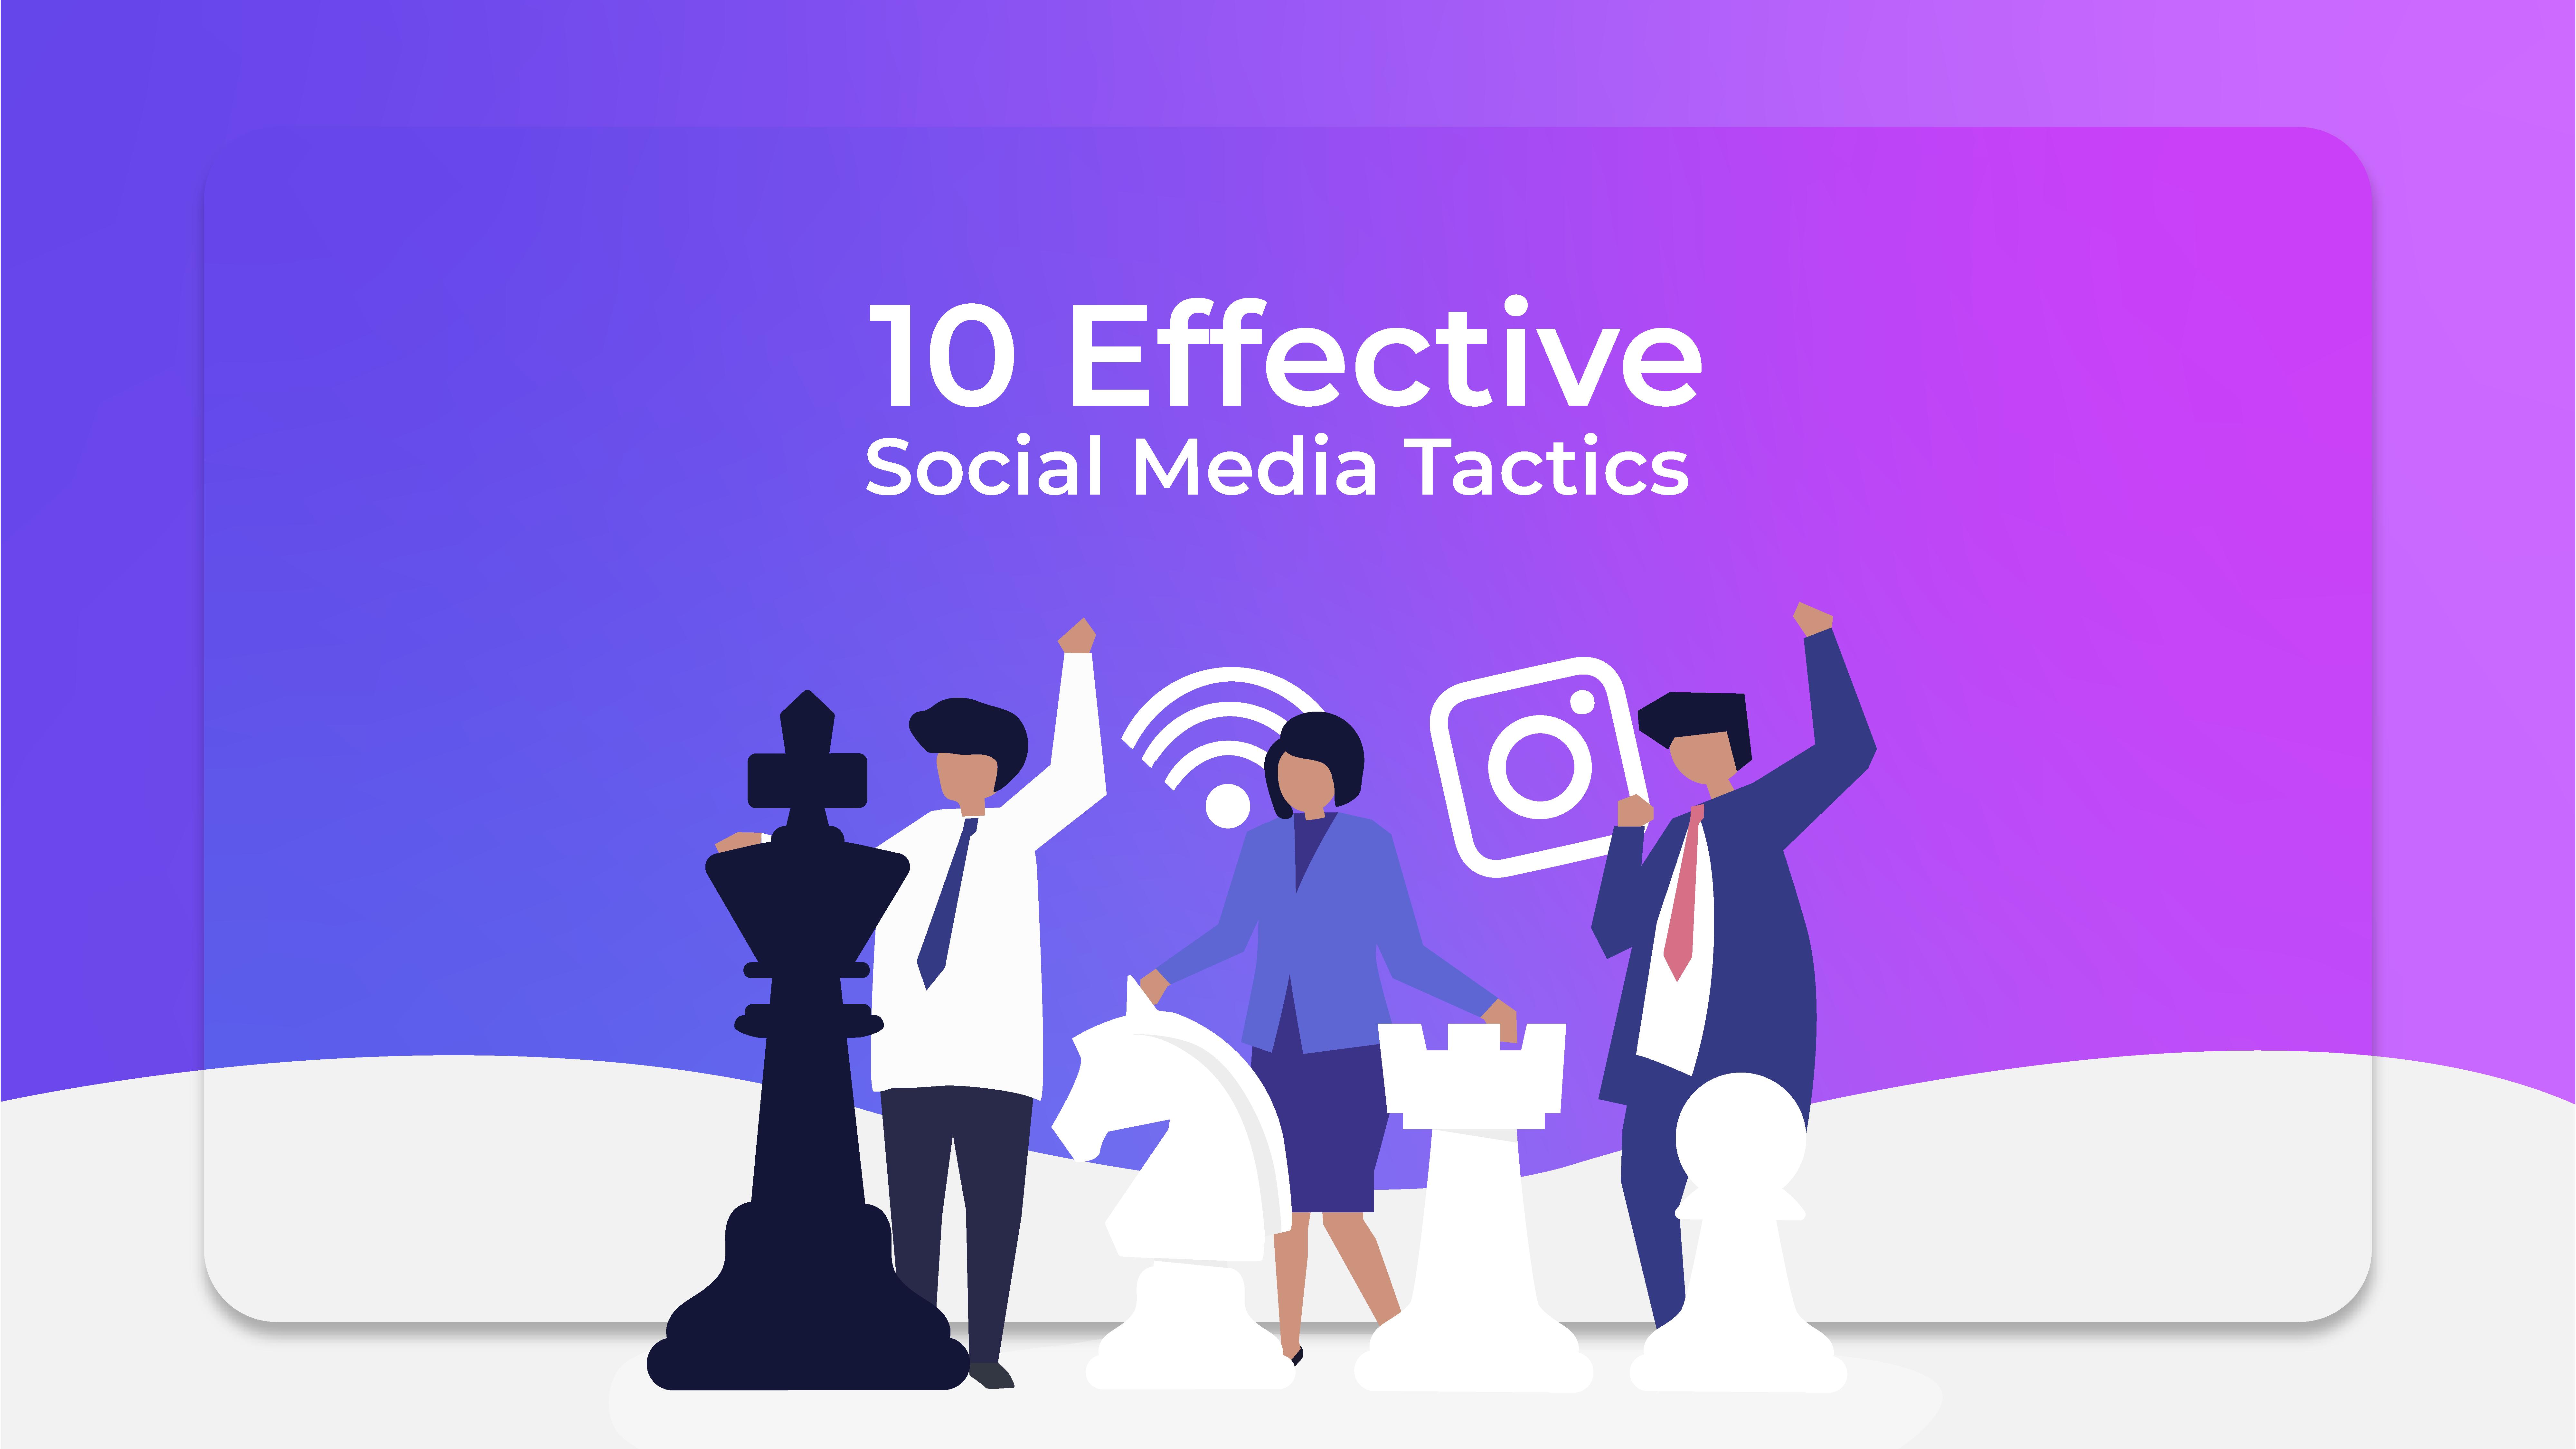 10 Effective Social Media Tactics